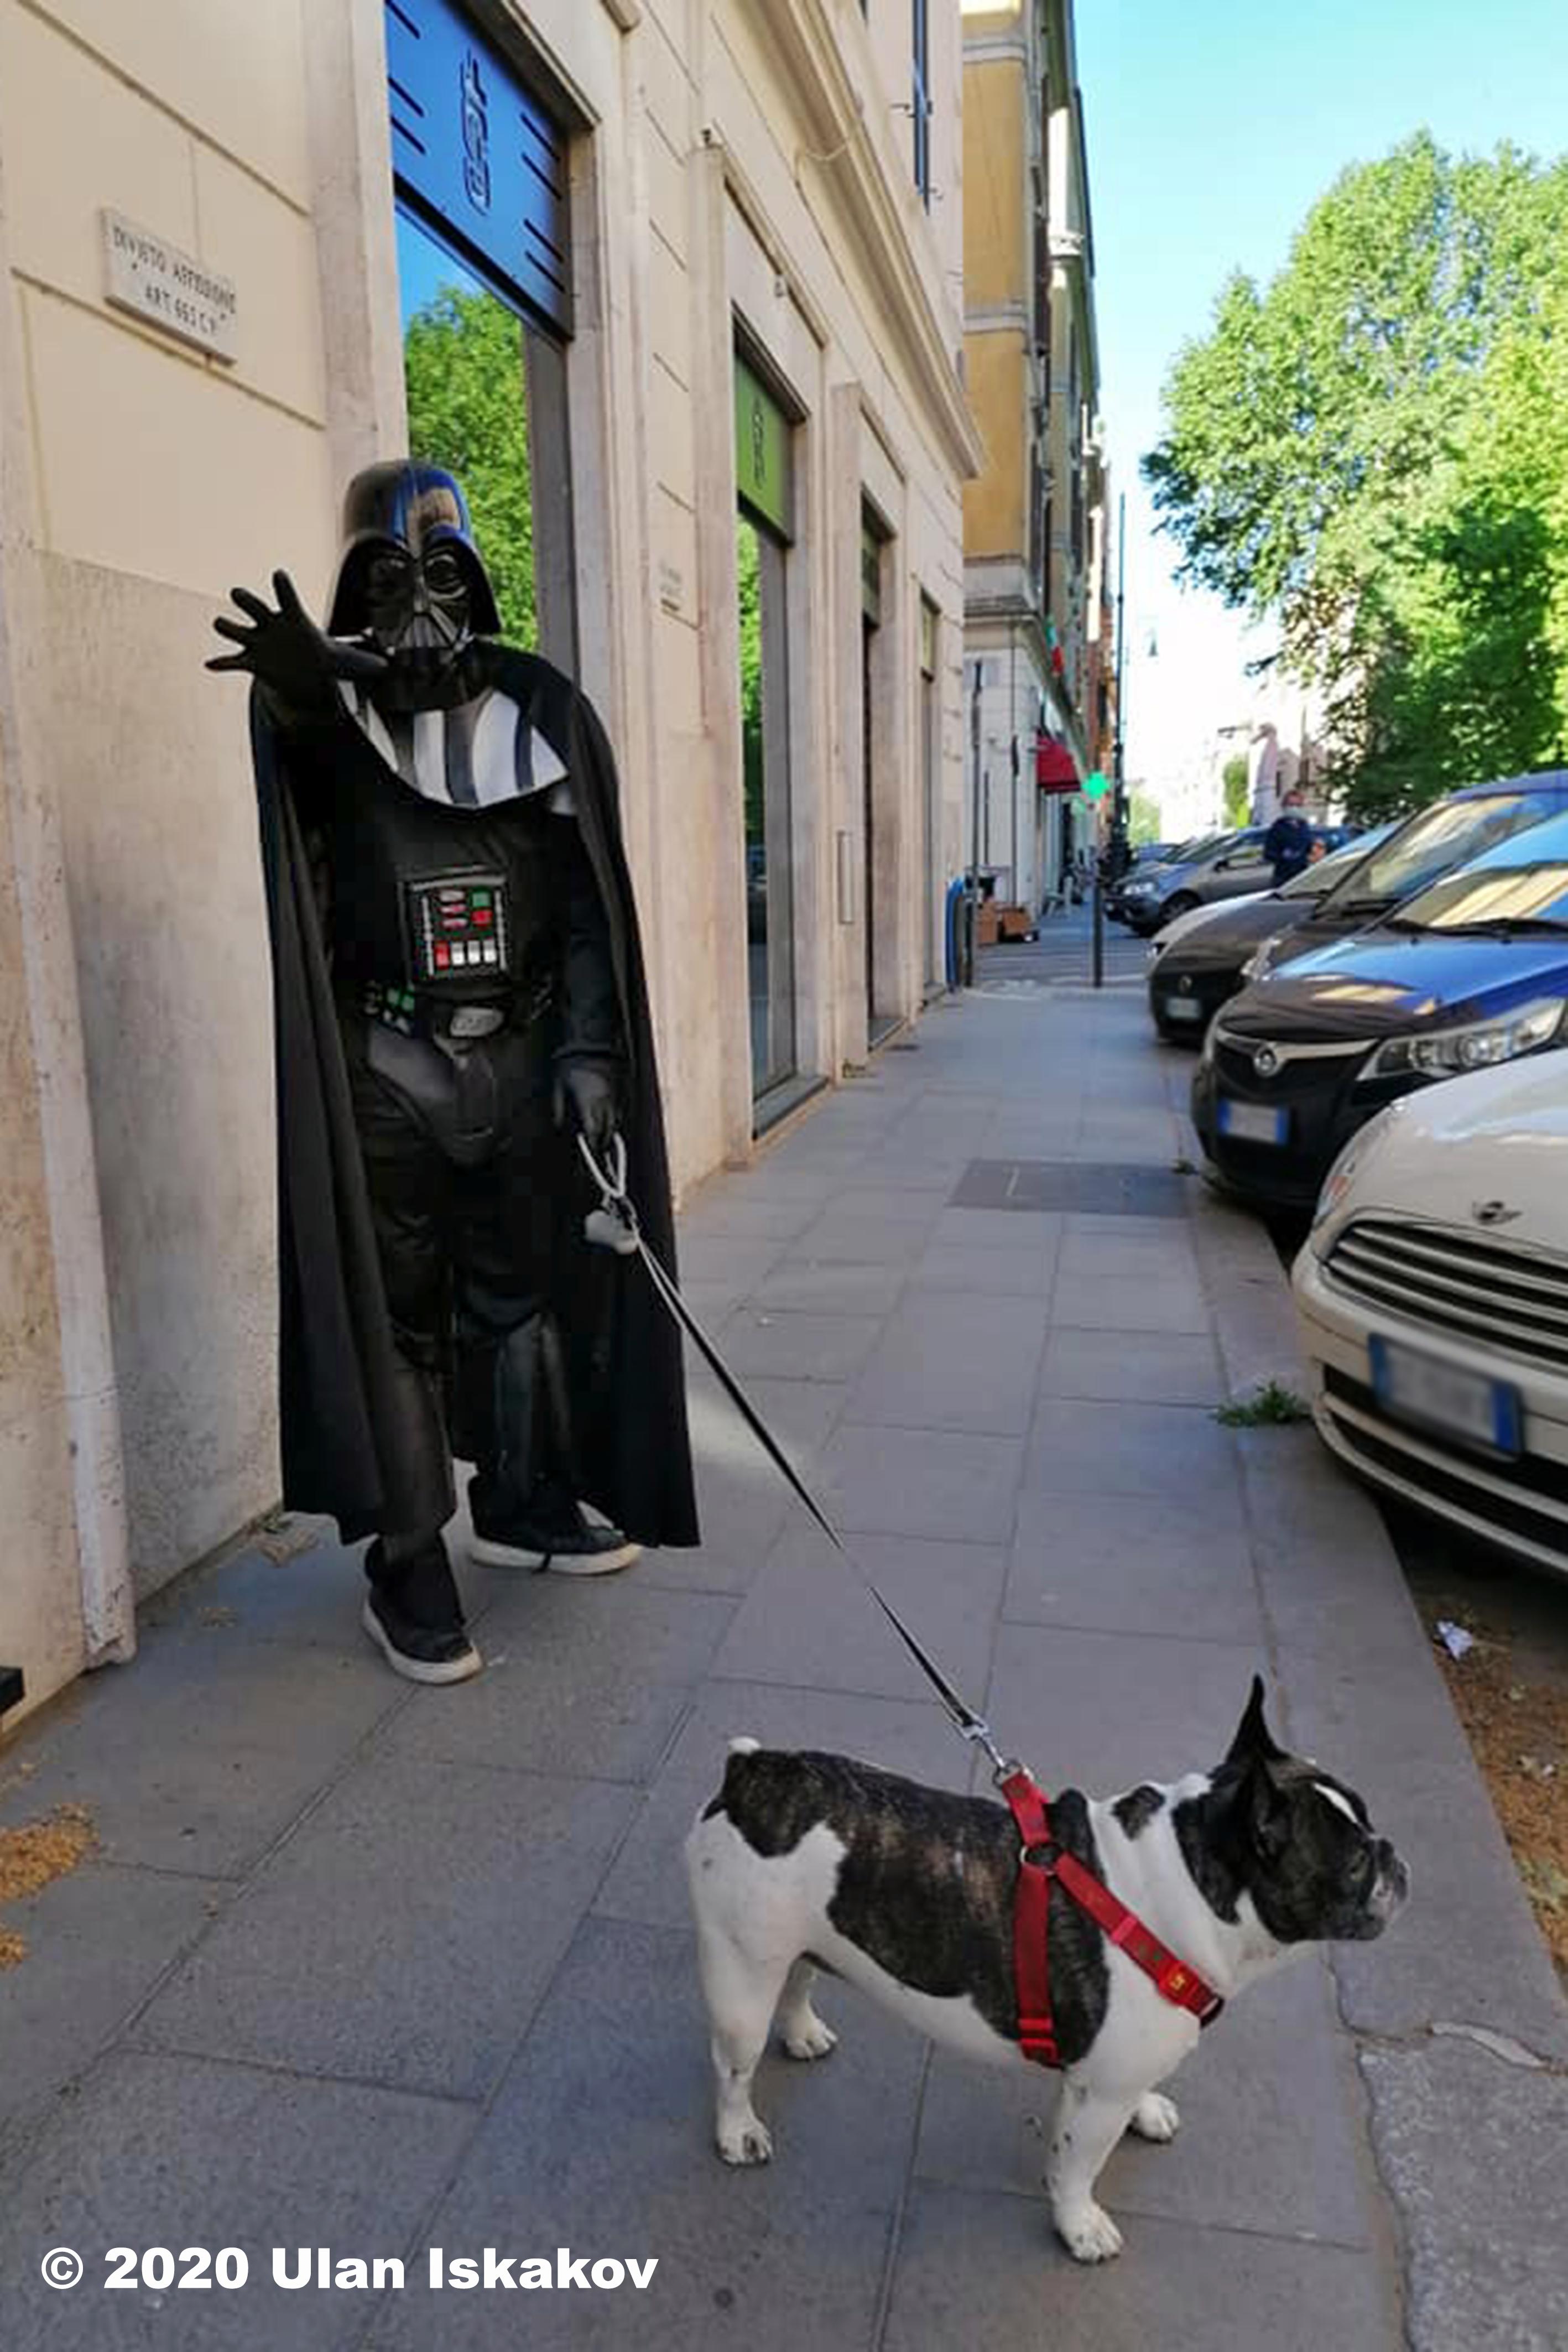 alt tag Darth Vader